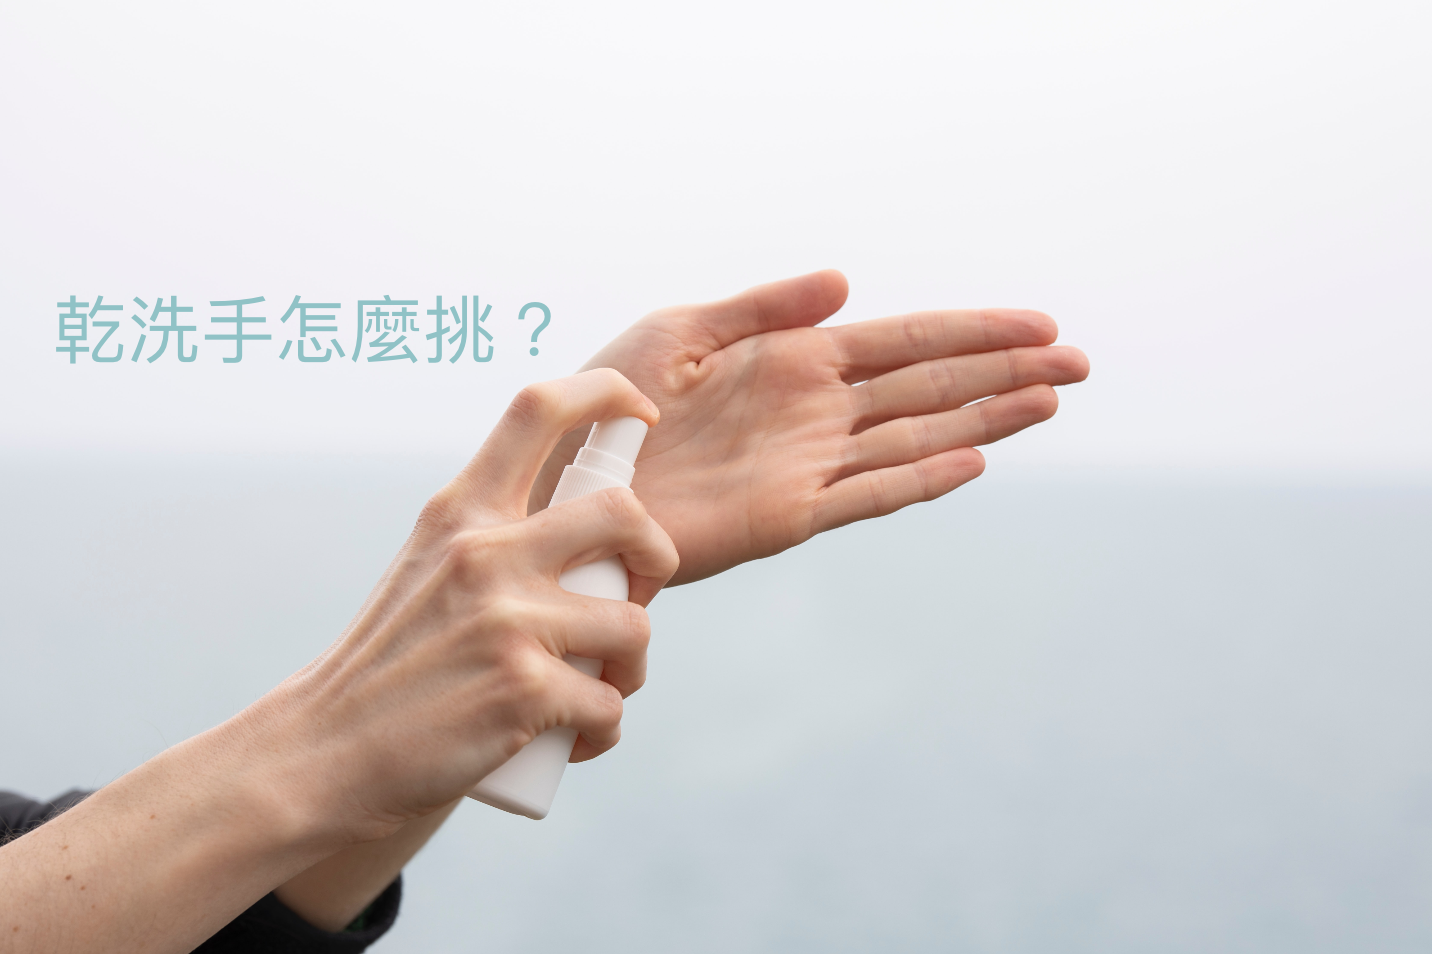 乾洗手怎麼挑?1個比較表格,讓你輕鬆做決定